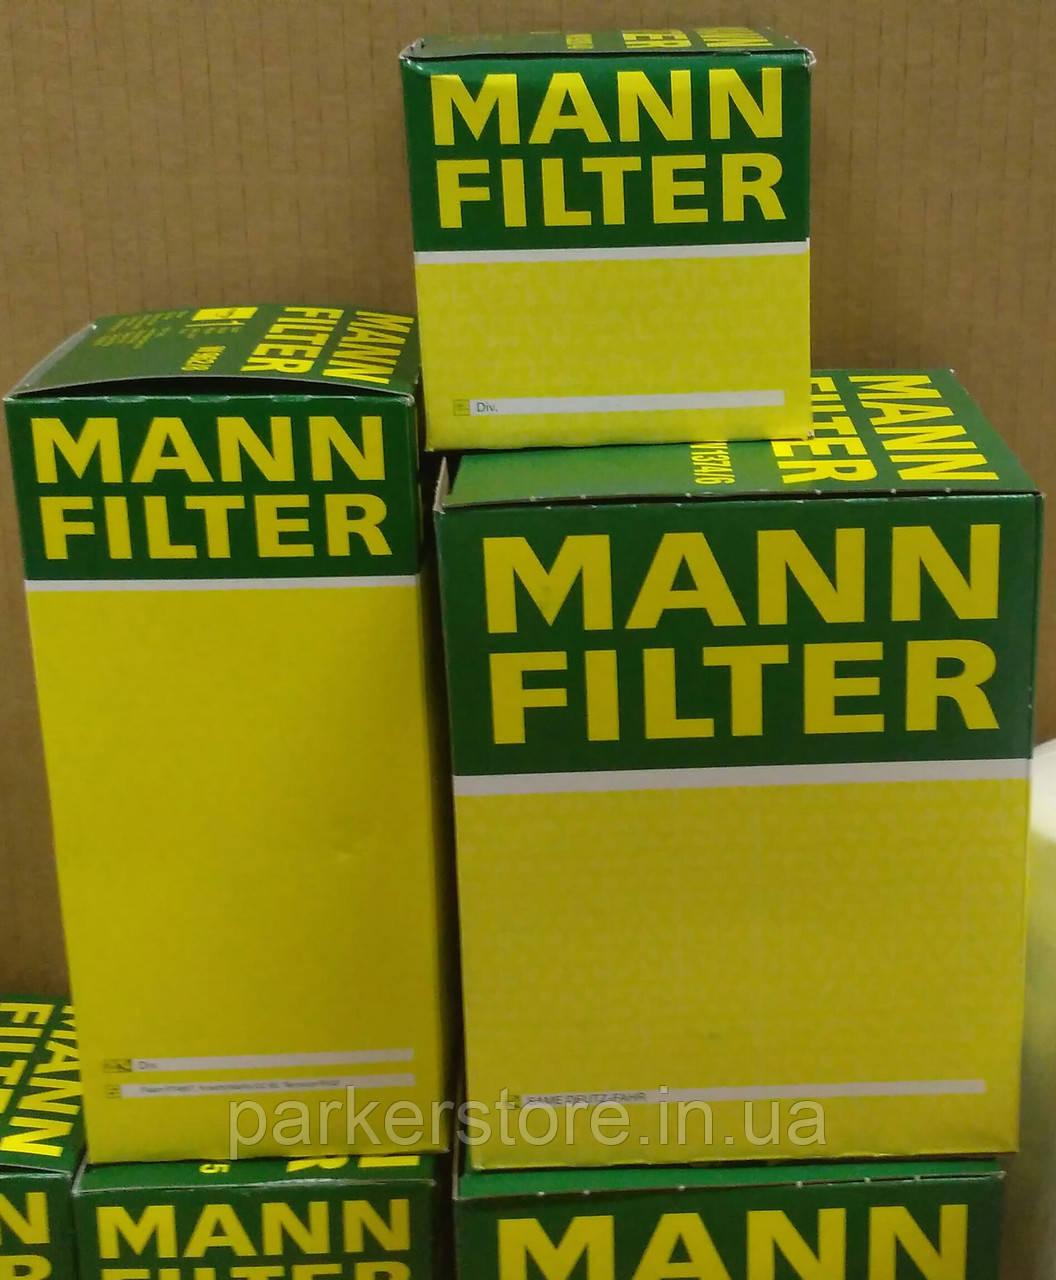 MANN FILTER / Воздушный фильтр / C 2715 / C2715